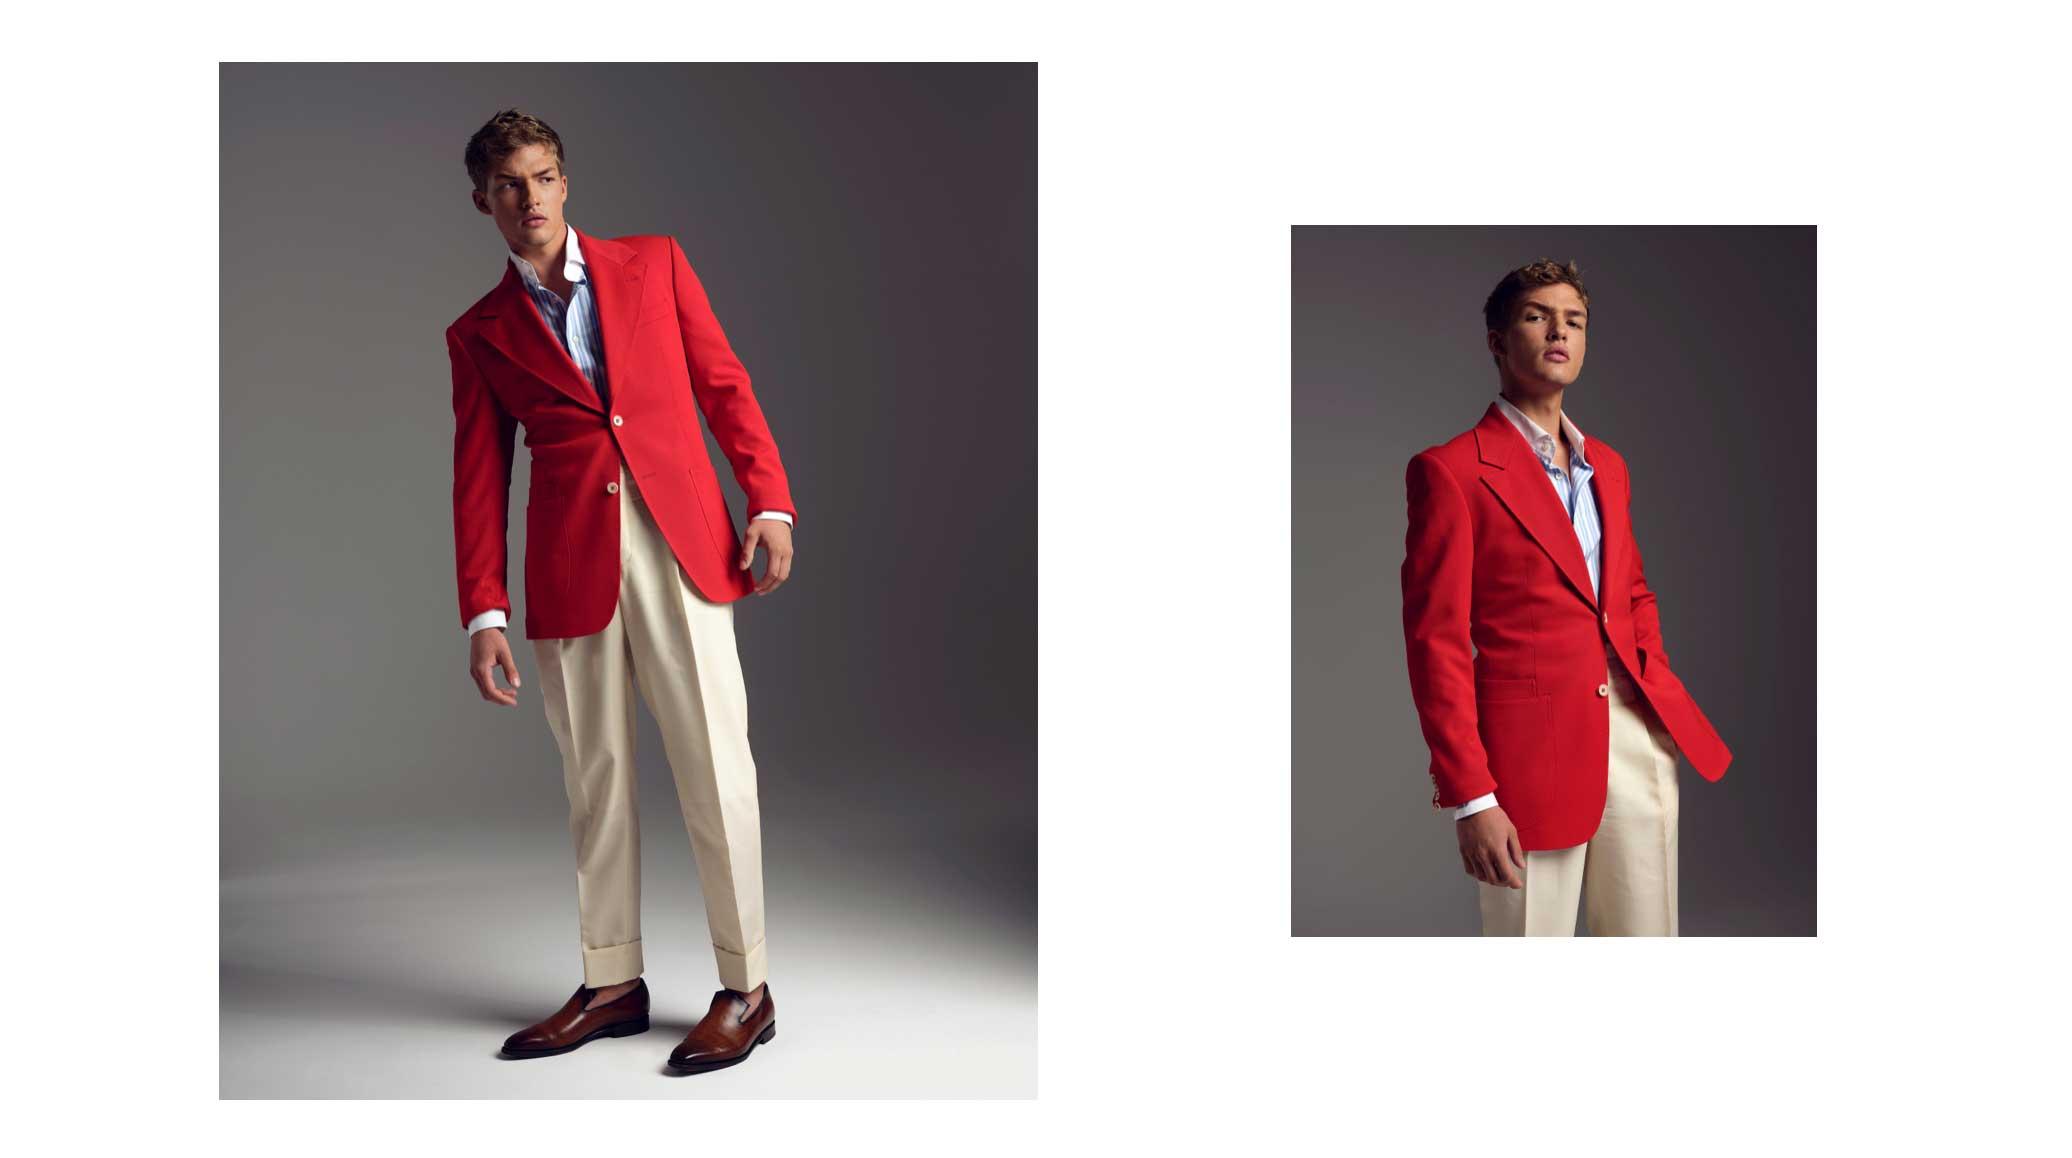 Profesjonalny model w stylowym garniturze w kontrastujących barwach